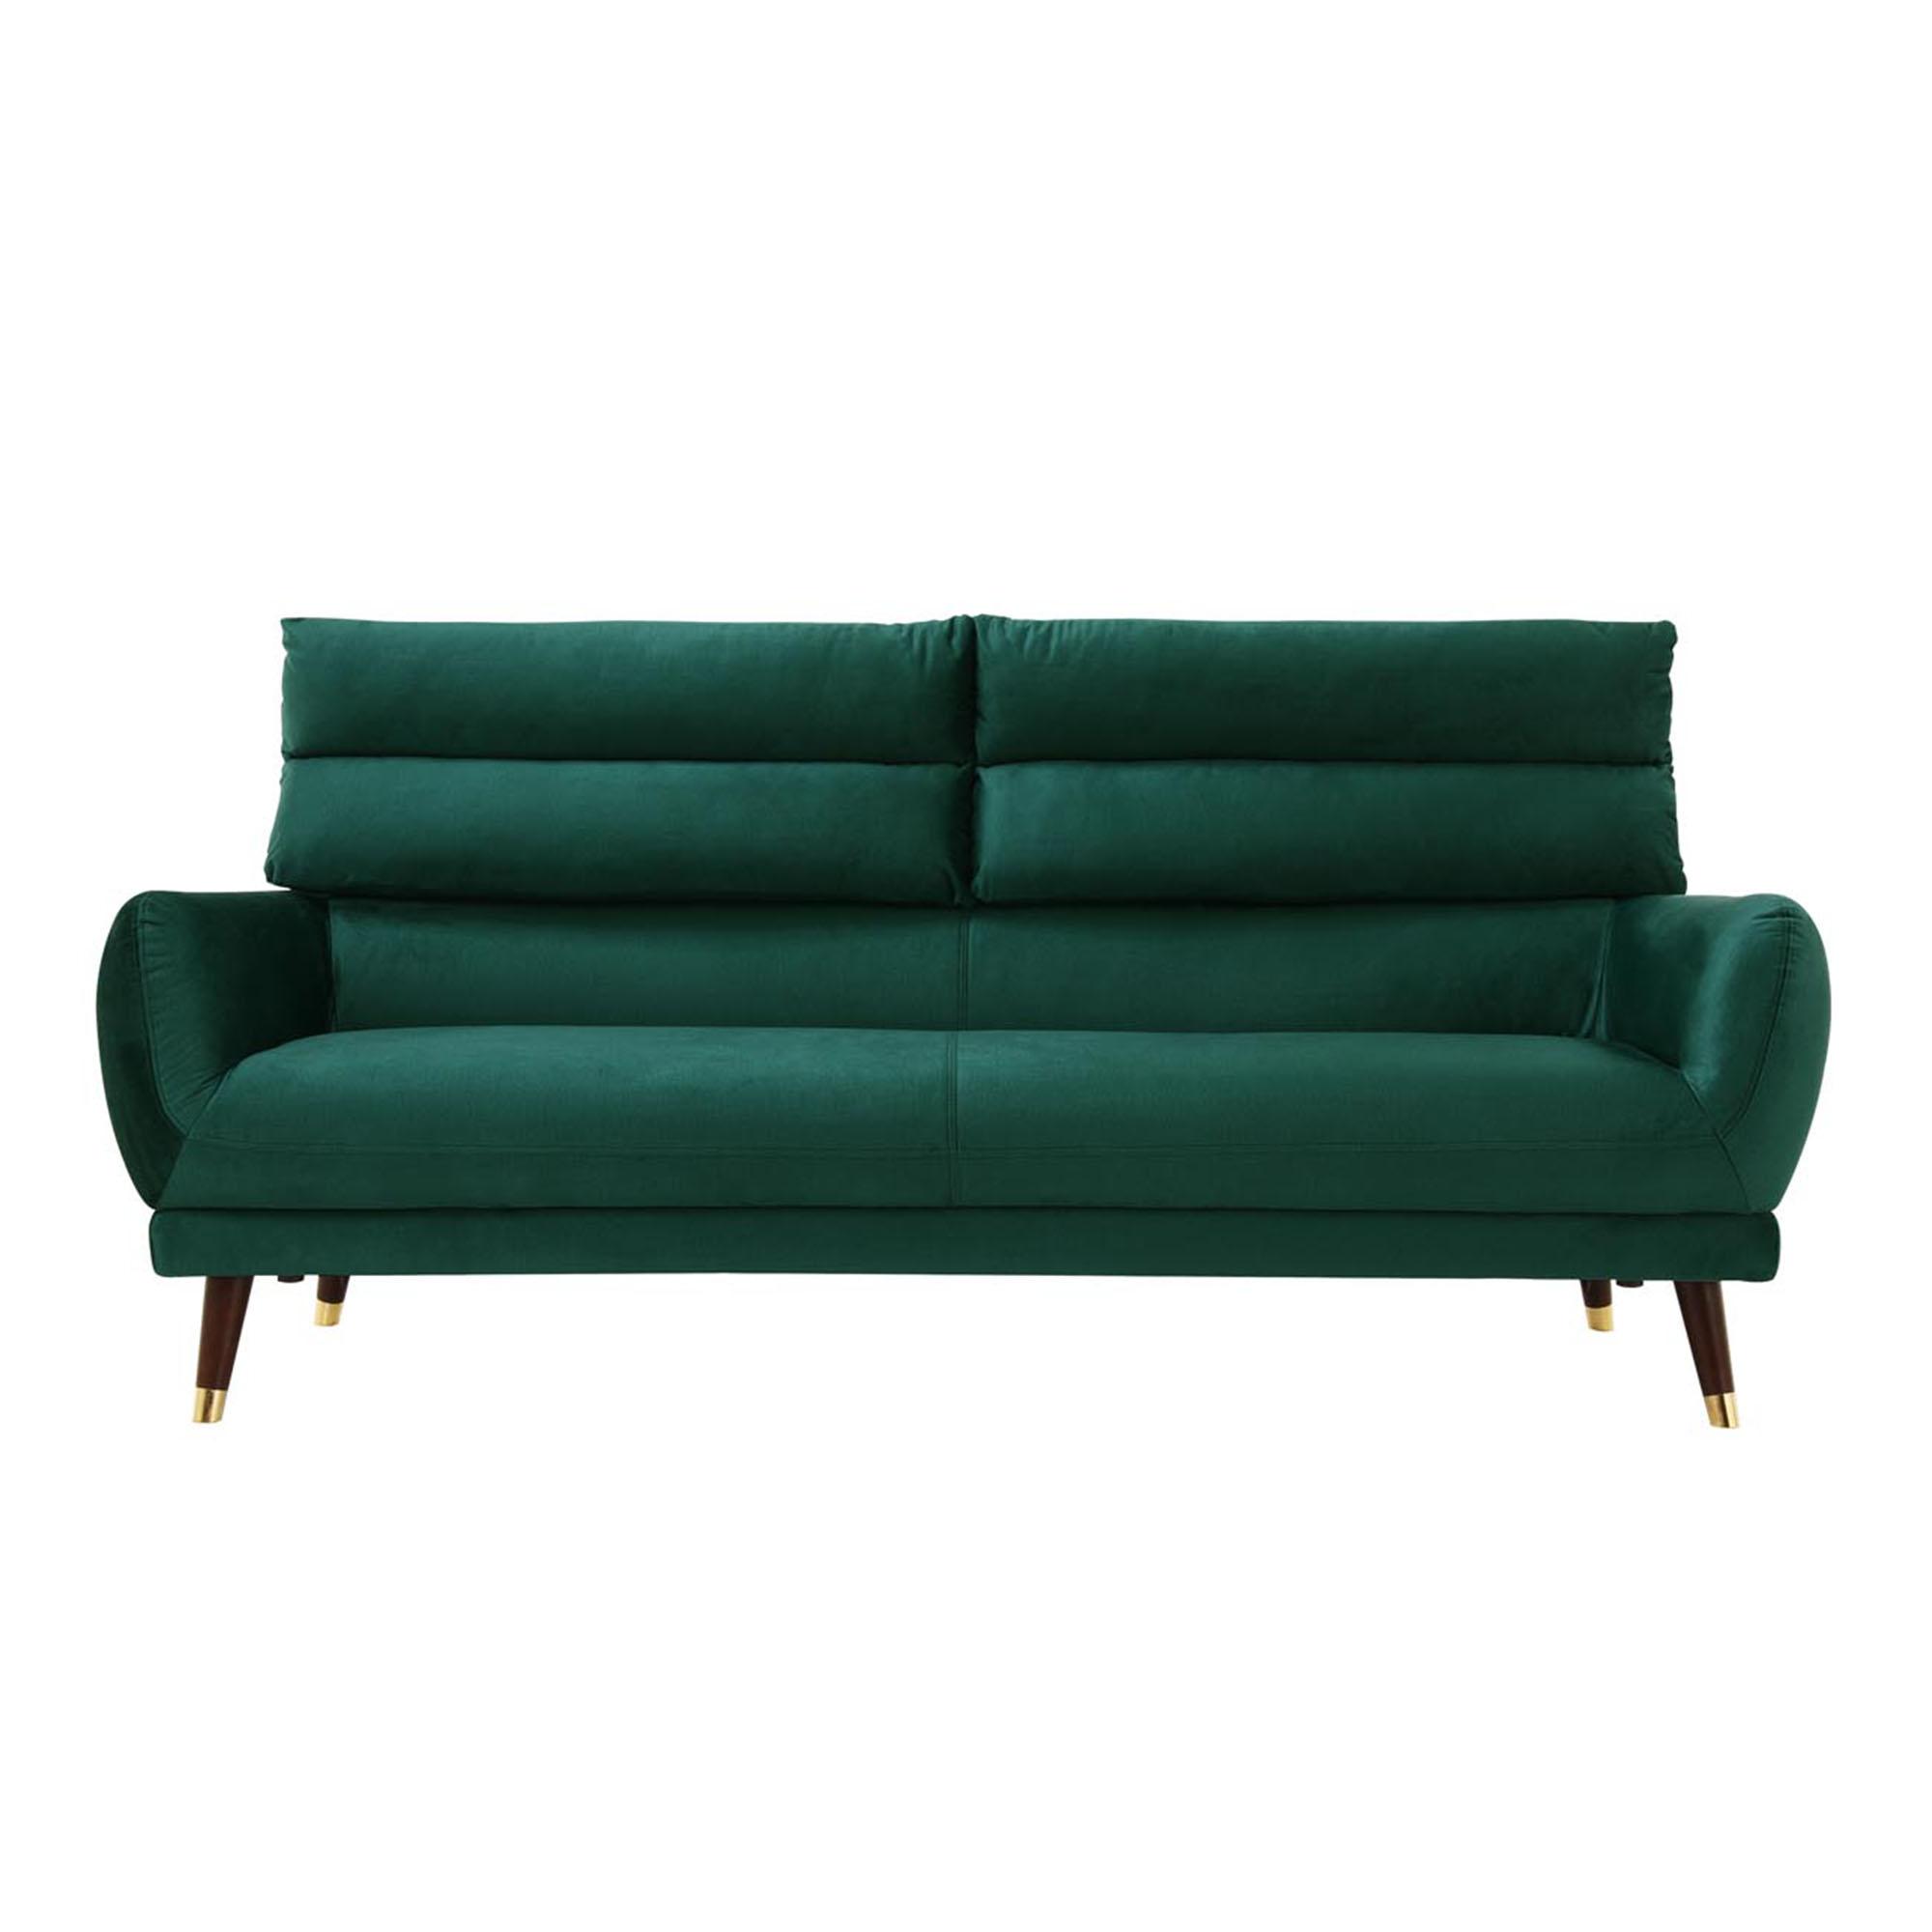 Canapé velours vert émeraude imperméable 3 places